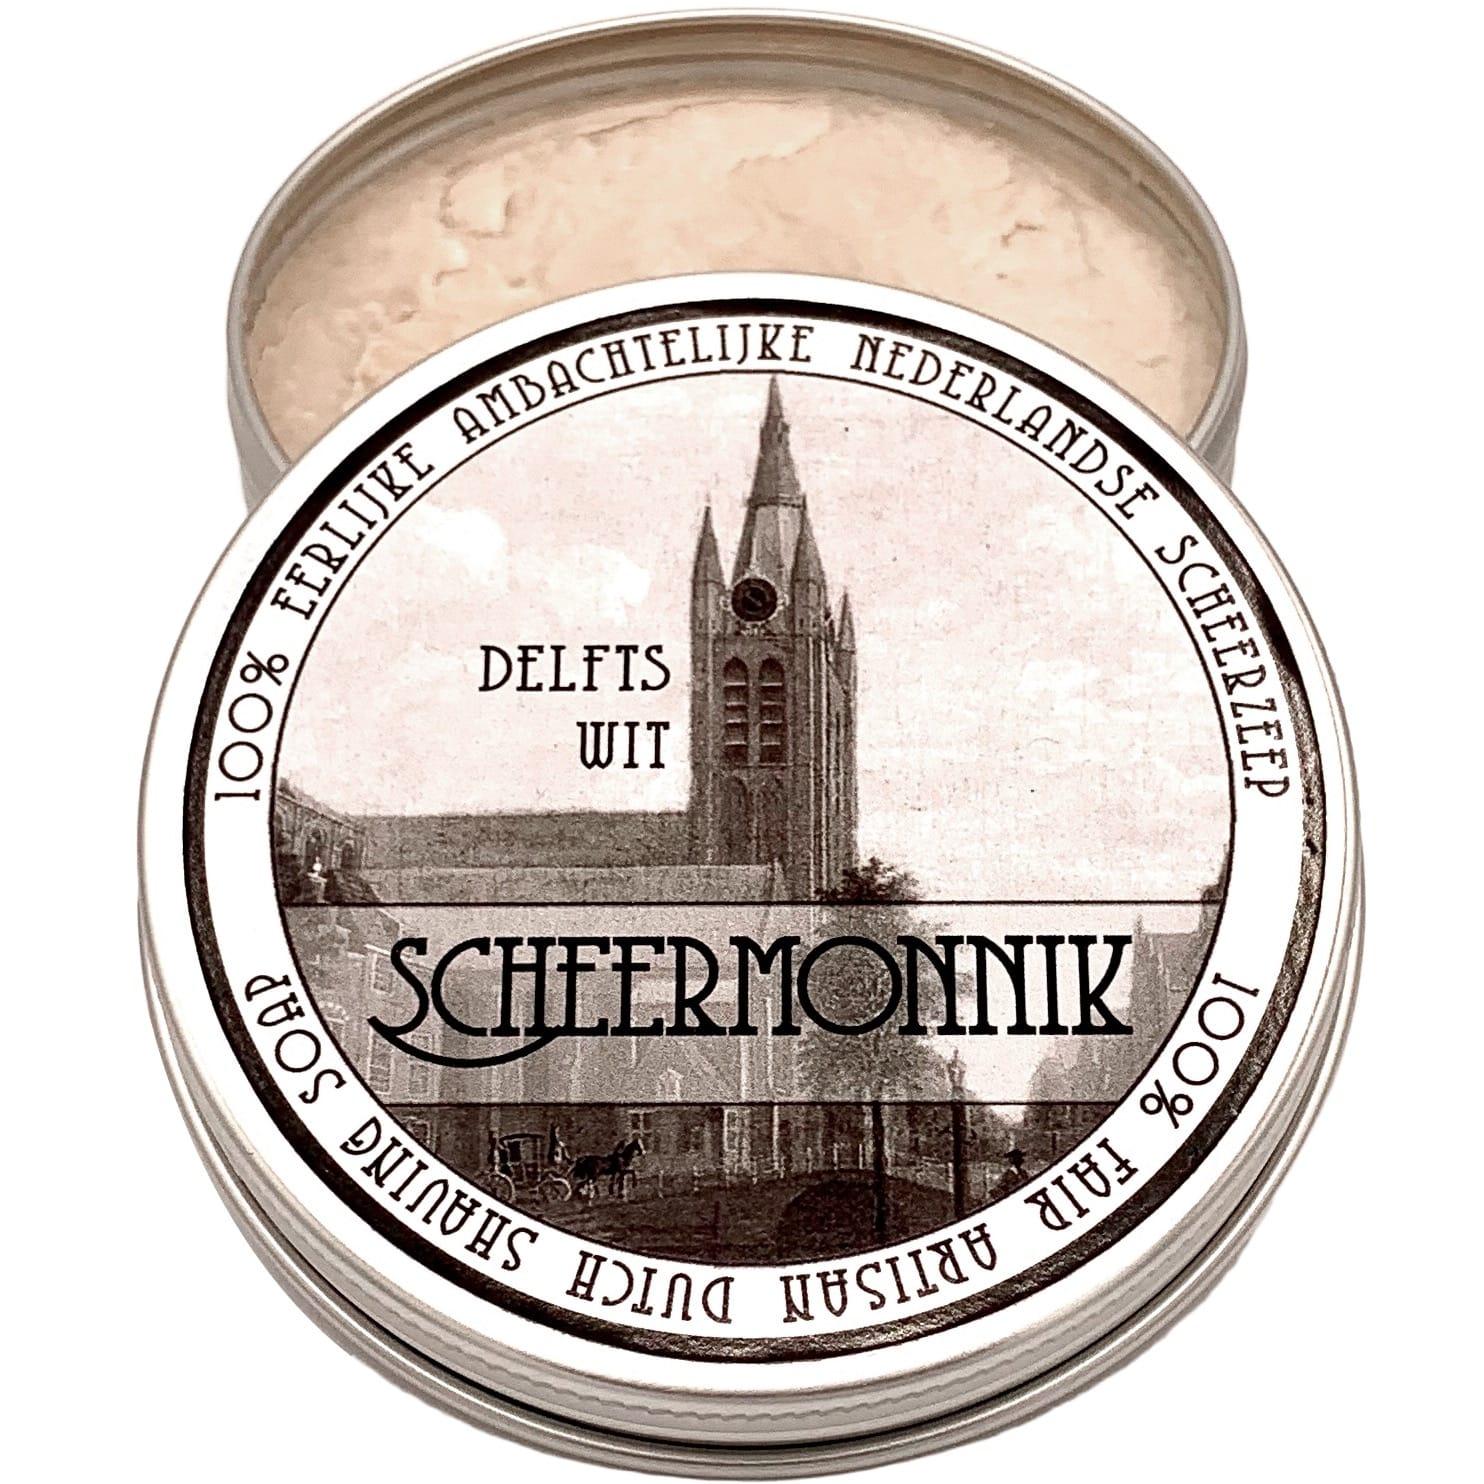 Scheerzeep Traditional Delfts Wit